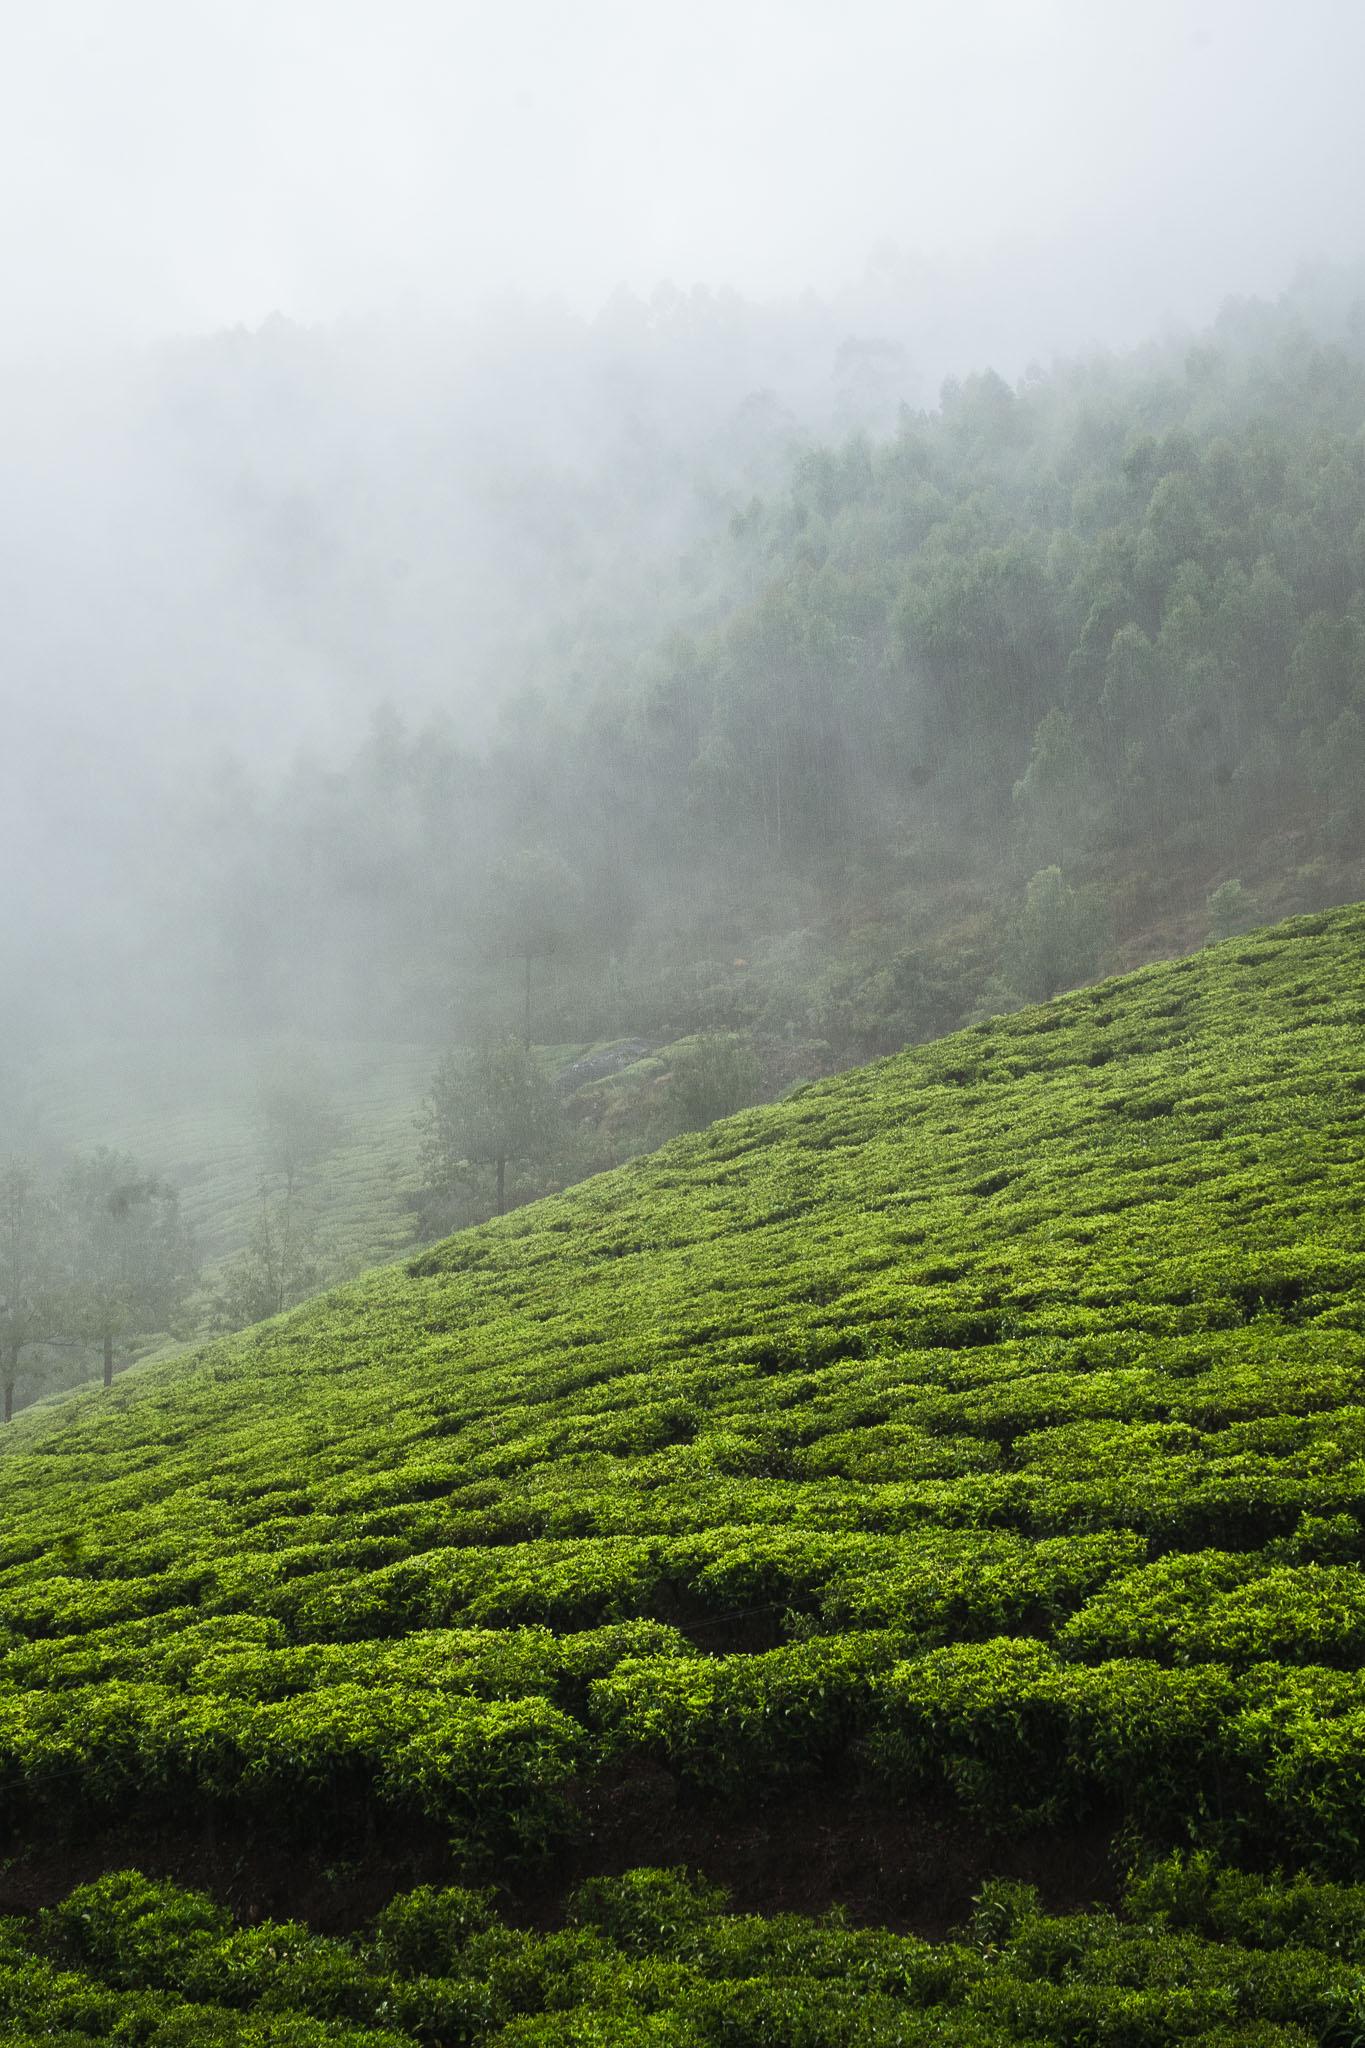 Munnar pola herbaciane, Kerala, Indie